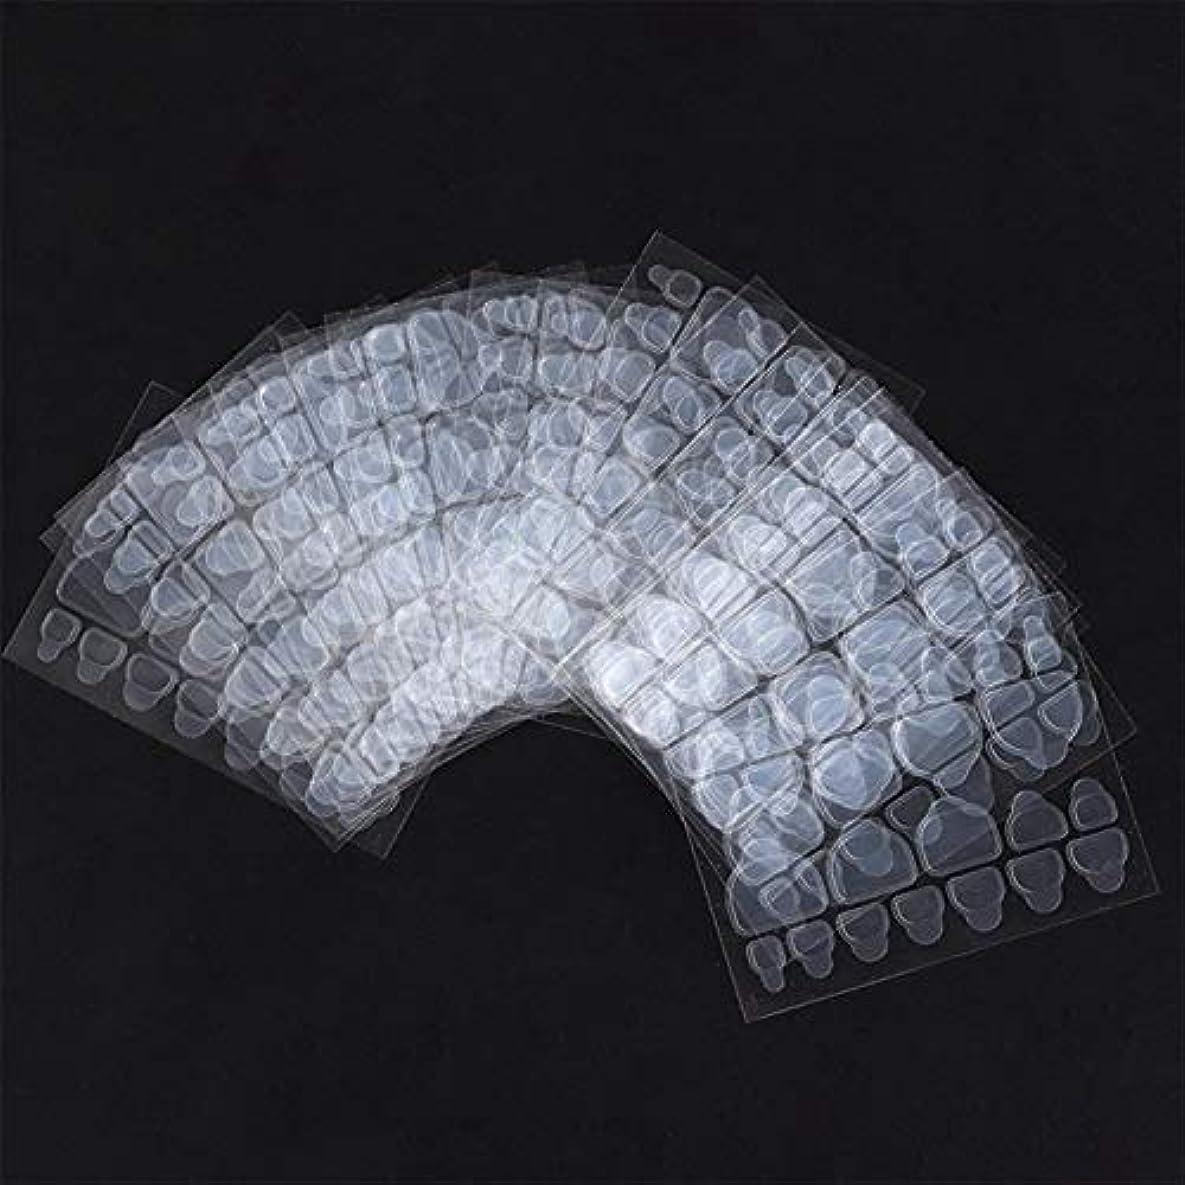 堂々たるハードリングアンテナサリーの店 多目的24 pcs/シートテープ偽釘ステッカー接着剤(None 10 pieces of nail jelly paste)